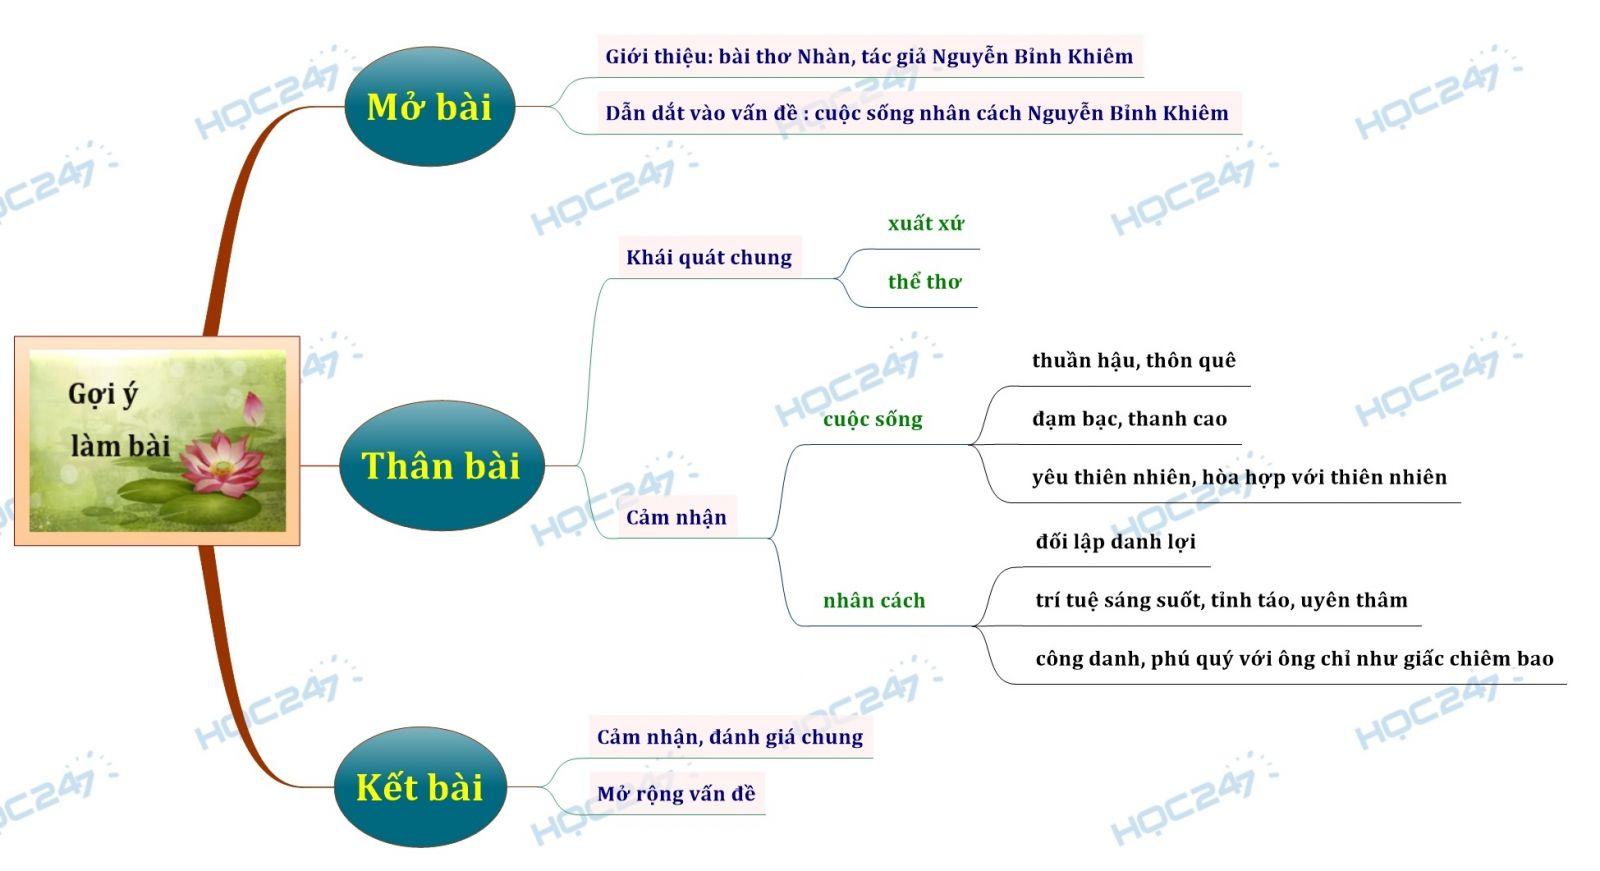 Sơ đồ tư duy Cảm nhận về cuộc sống nhân cách Nguyễn Bỉnh Khiêm qua bài thơ Nhàn